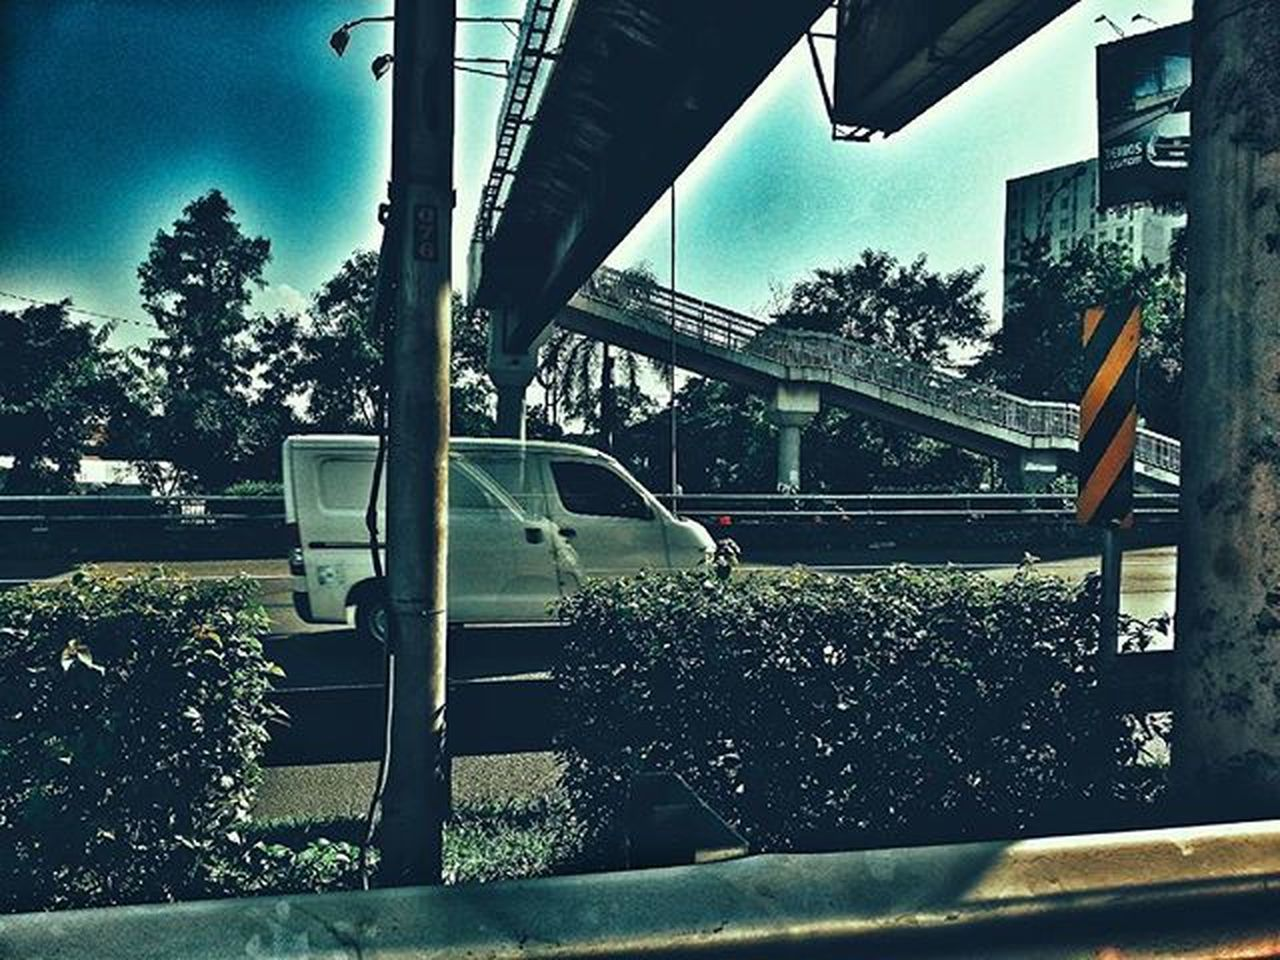 Terkadang nekat itu perlu tetapi tetap dengan perhitungan yang matang .. Streetphotography Streetdreamsmag StreetActivity StreetArtEverywhere Streetaction Vscostreet Vscostreets Vscostreetart Street Art Street Photography Street_series Street Art UrbanART Urbanexploration Urbanoutfitters Urbanstreet Urbanstreetart